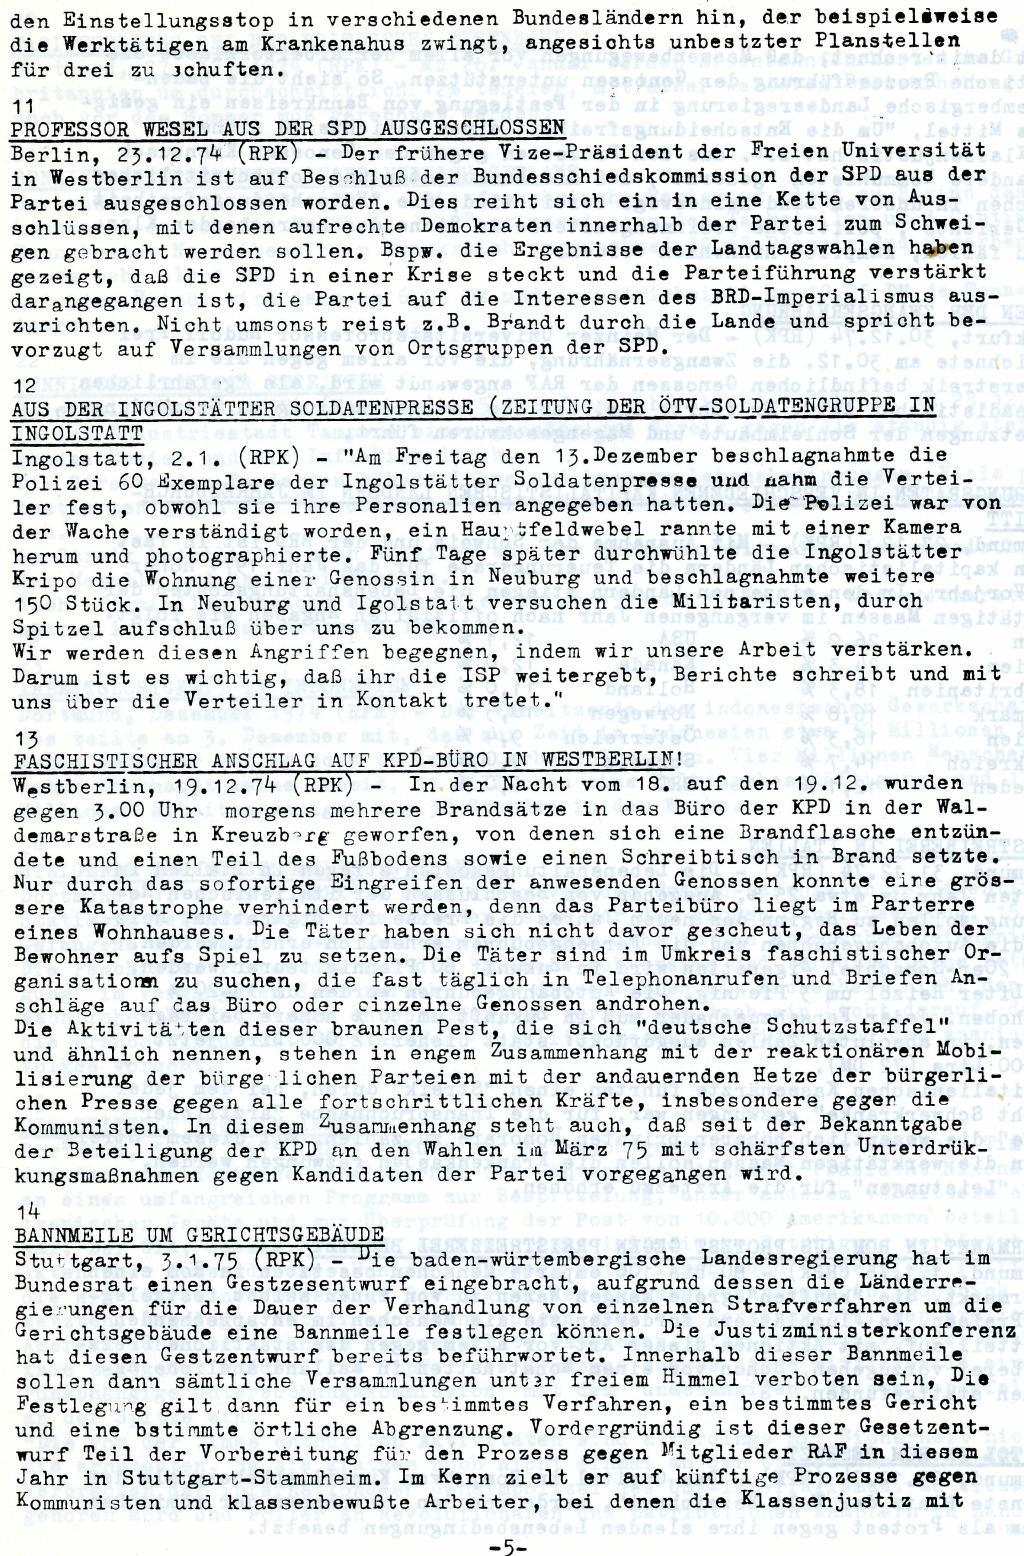 RPK_Pressedienst_1975_07_05